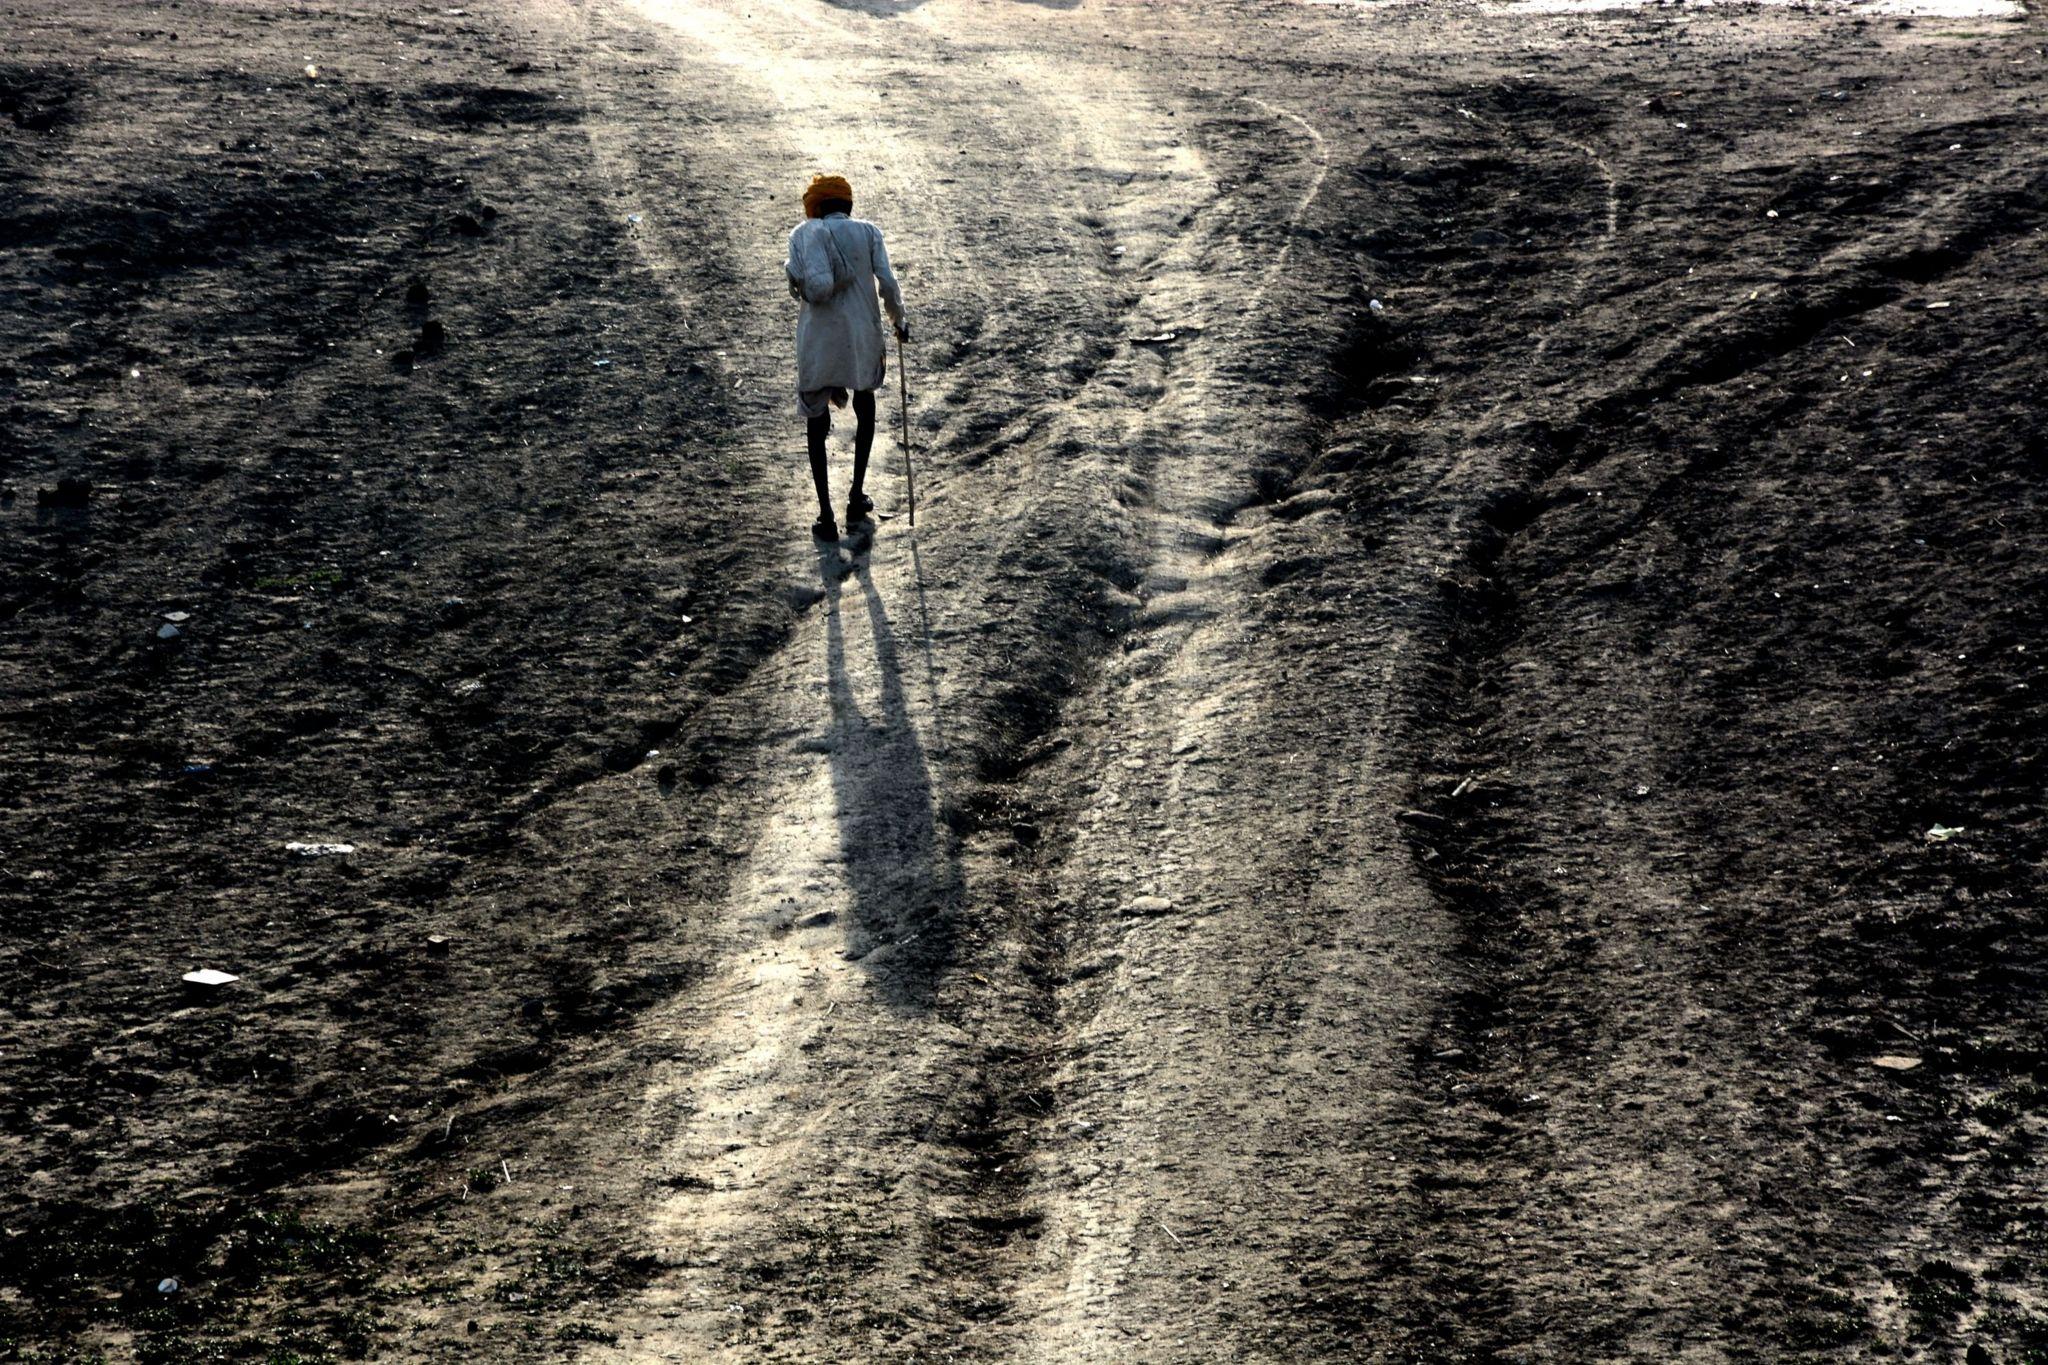 A man walking on a footpath